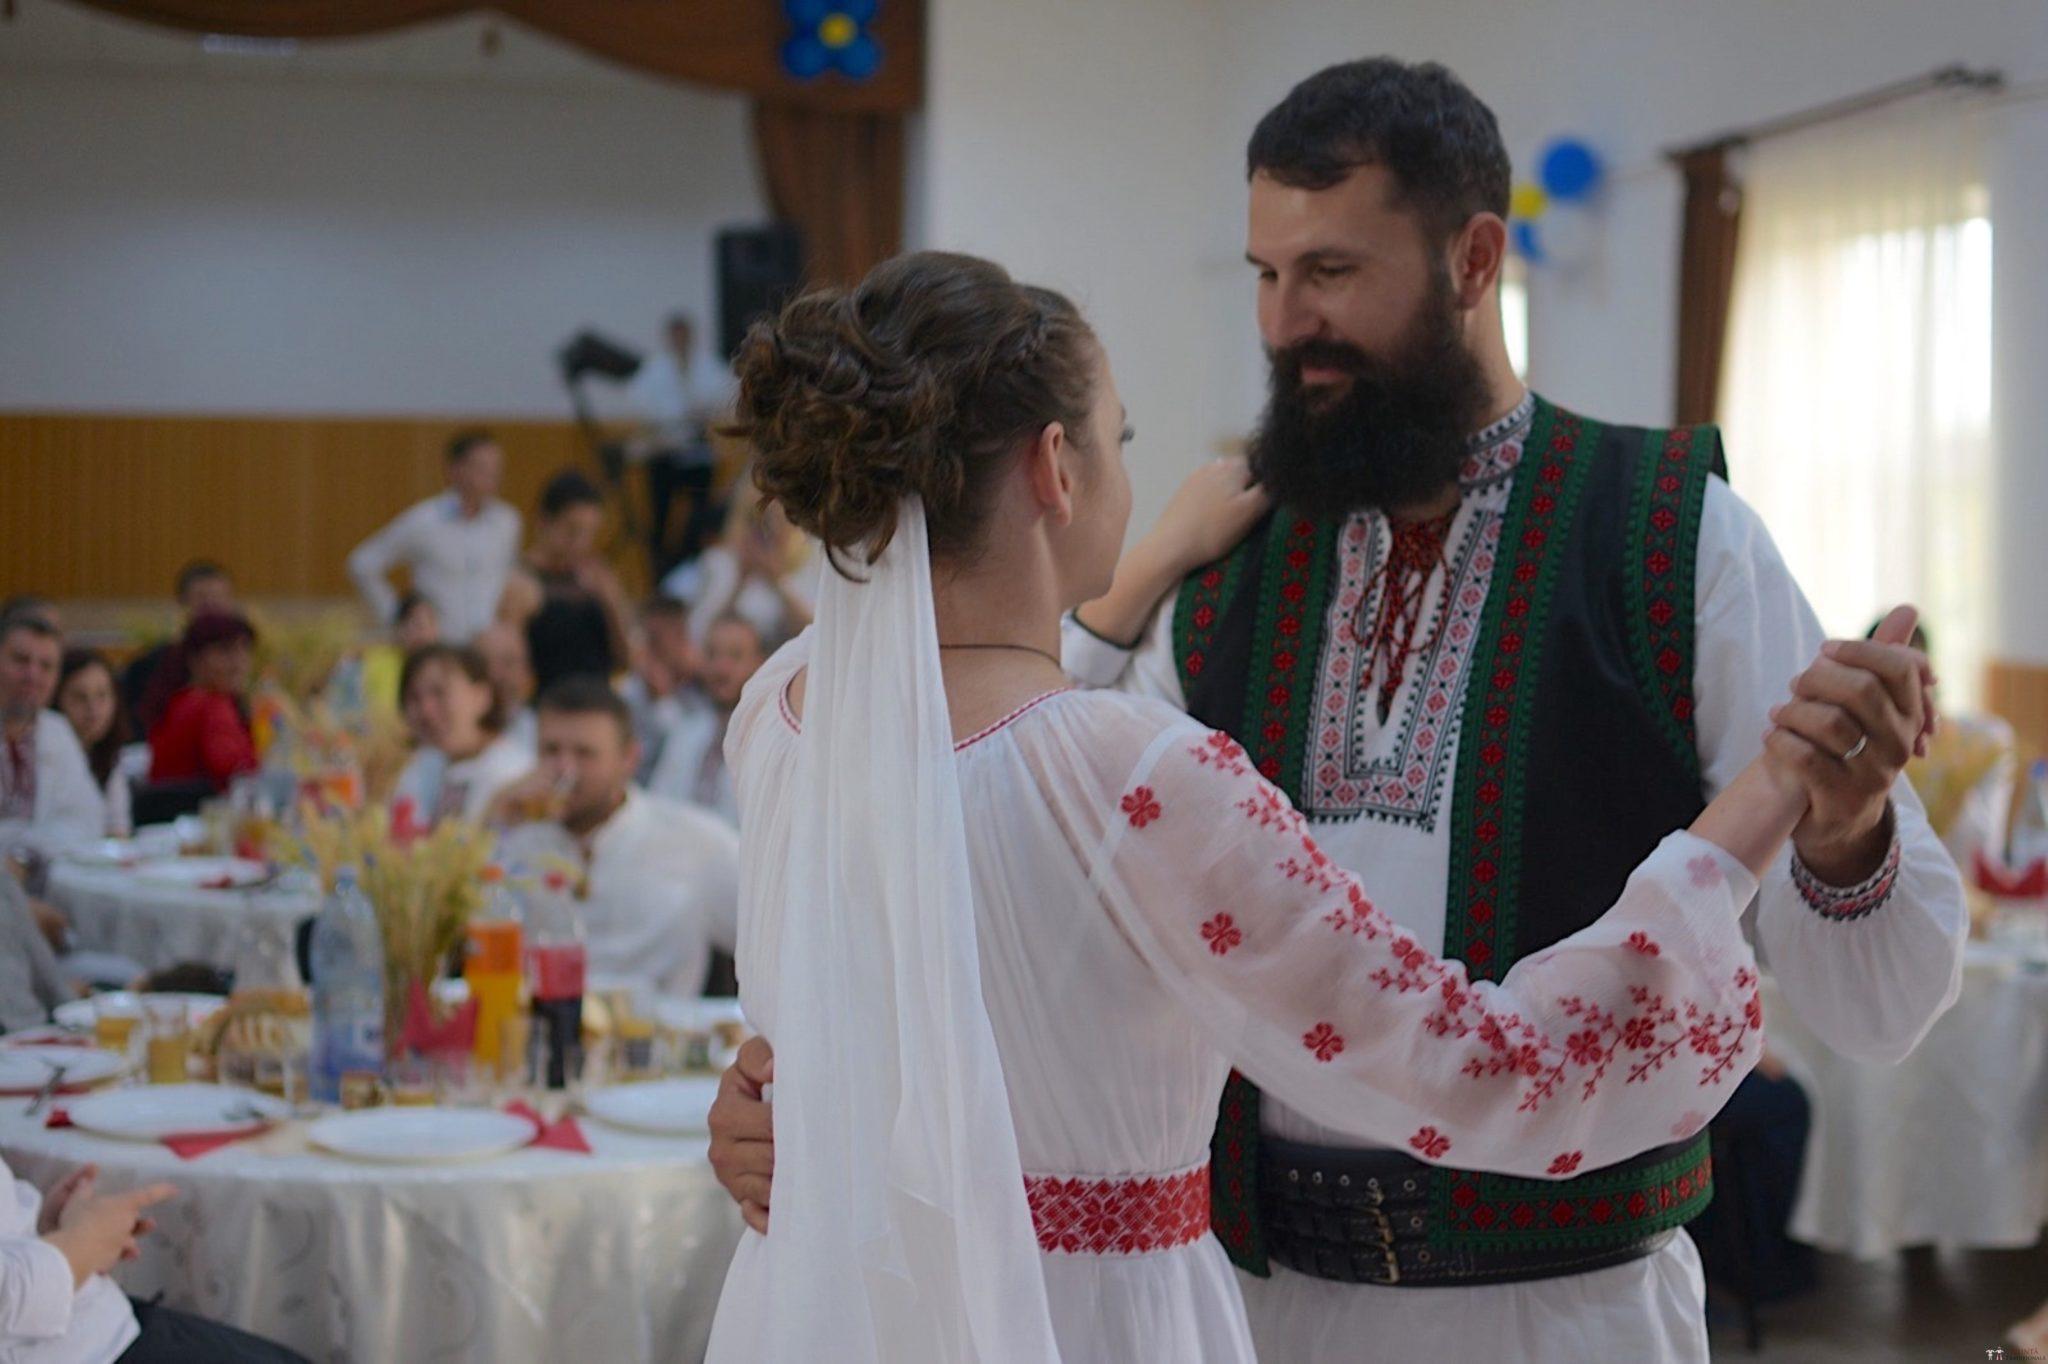 Povești Nunți Tradiționale - George Gabriel și Alexandra Buzatu, nuntă tradițională în Strejnicu, Prahova 18